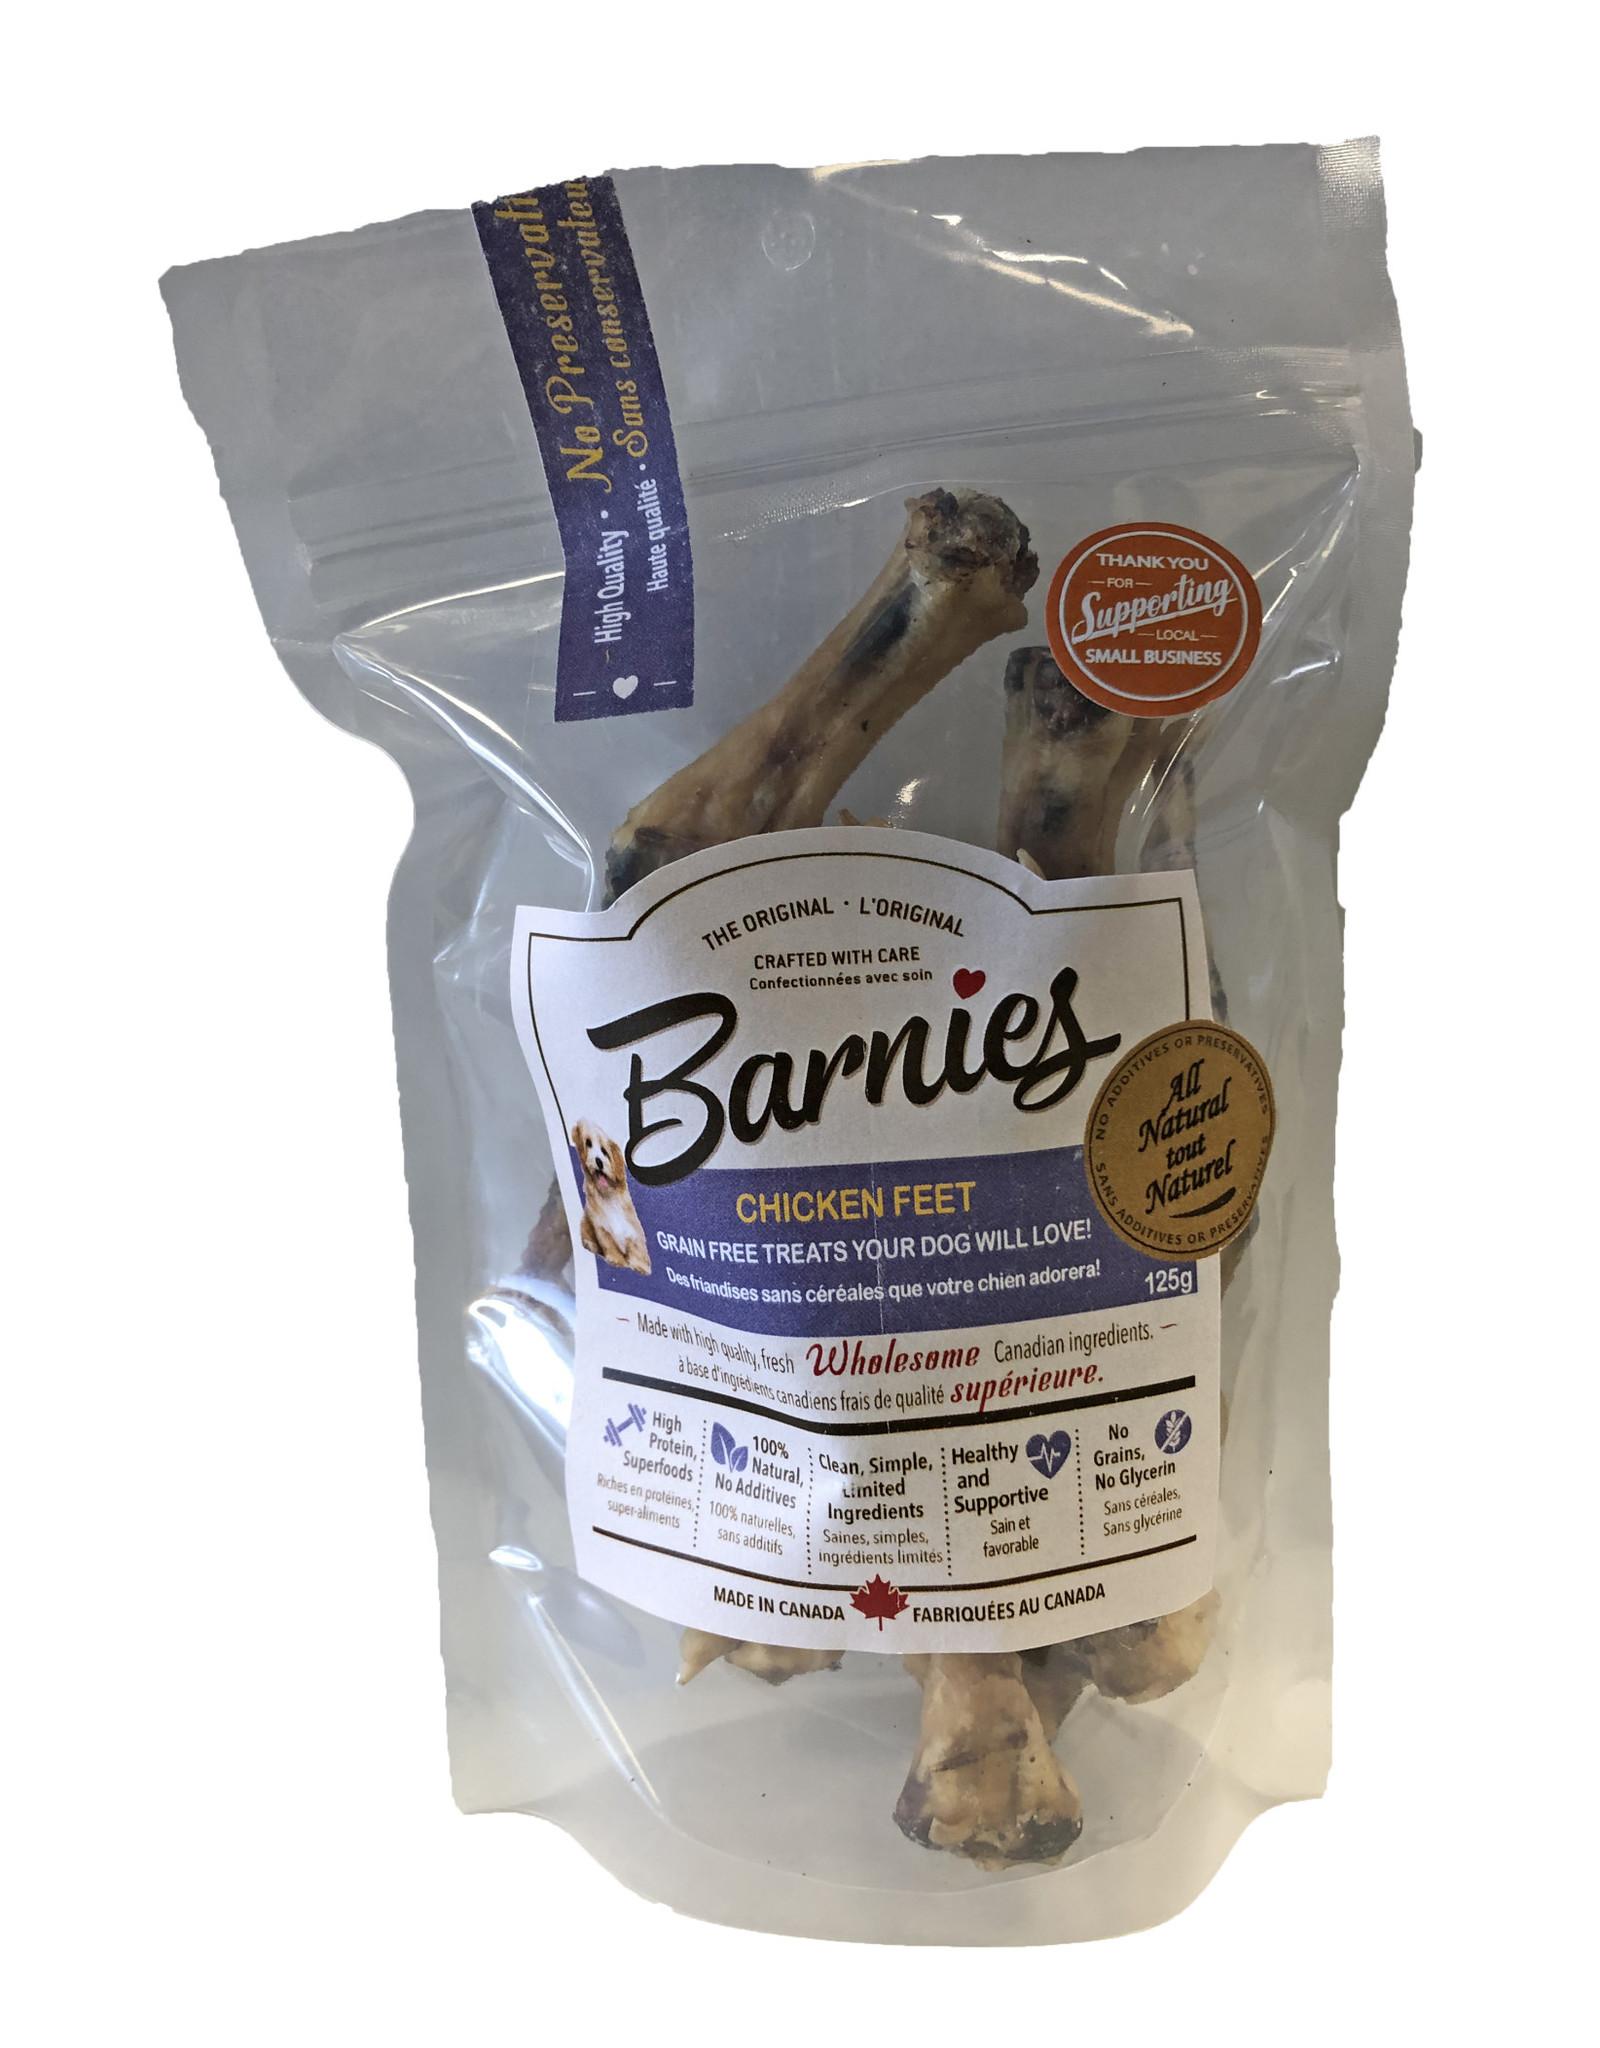 BARNIES BARNIES CHICKEN FEET